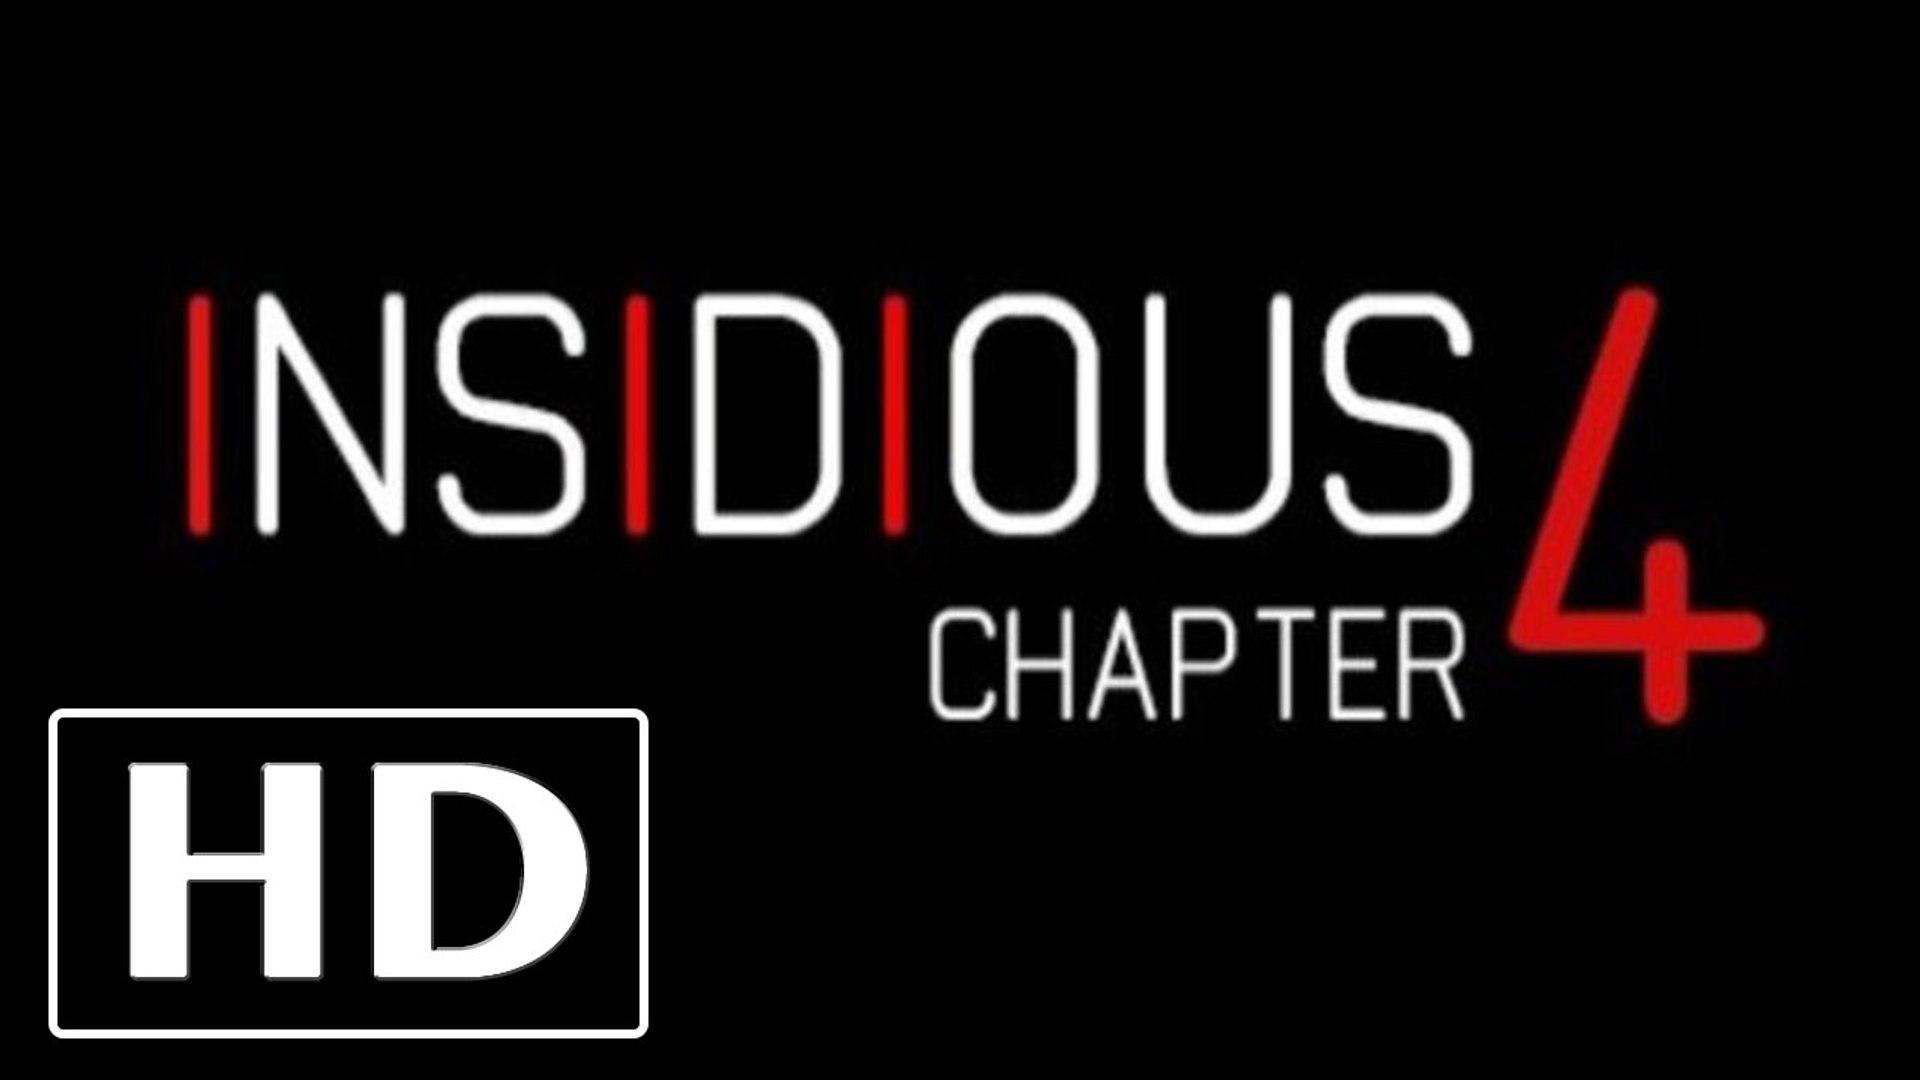 Insidious Chapter 4 (2018) / Assistir Filmes De Ação Online Dublado Gratis Completo